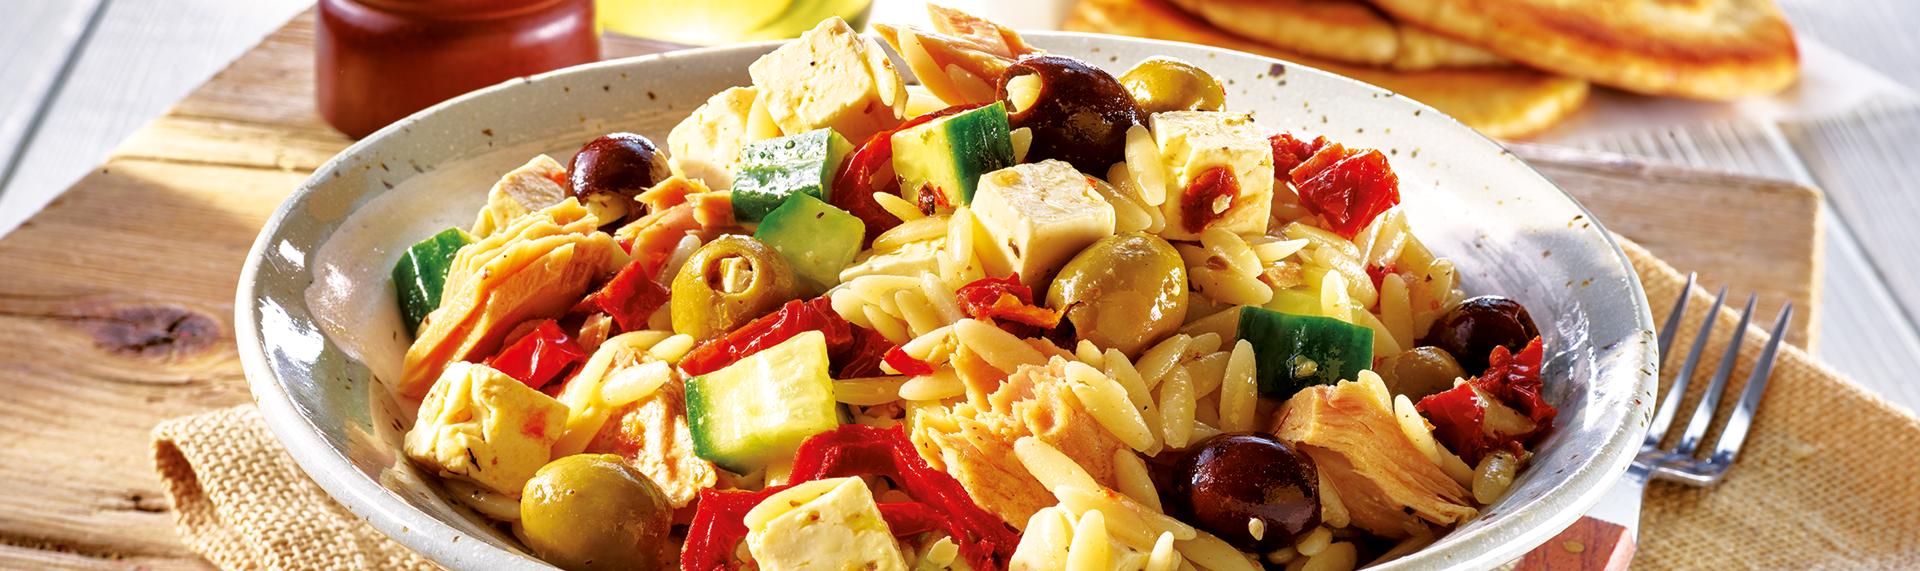 Kritharaki-Salat mit Käse und Oliven